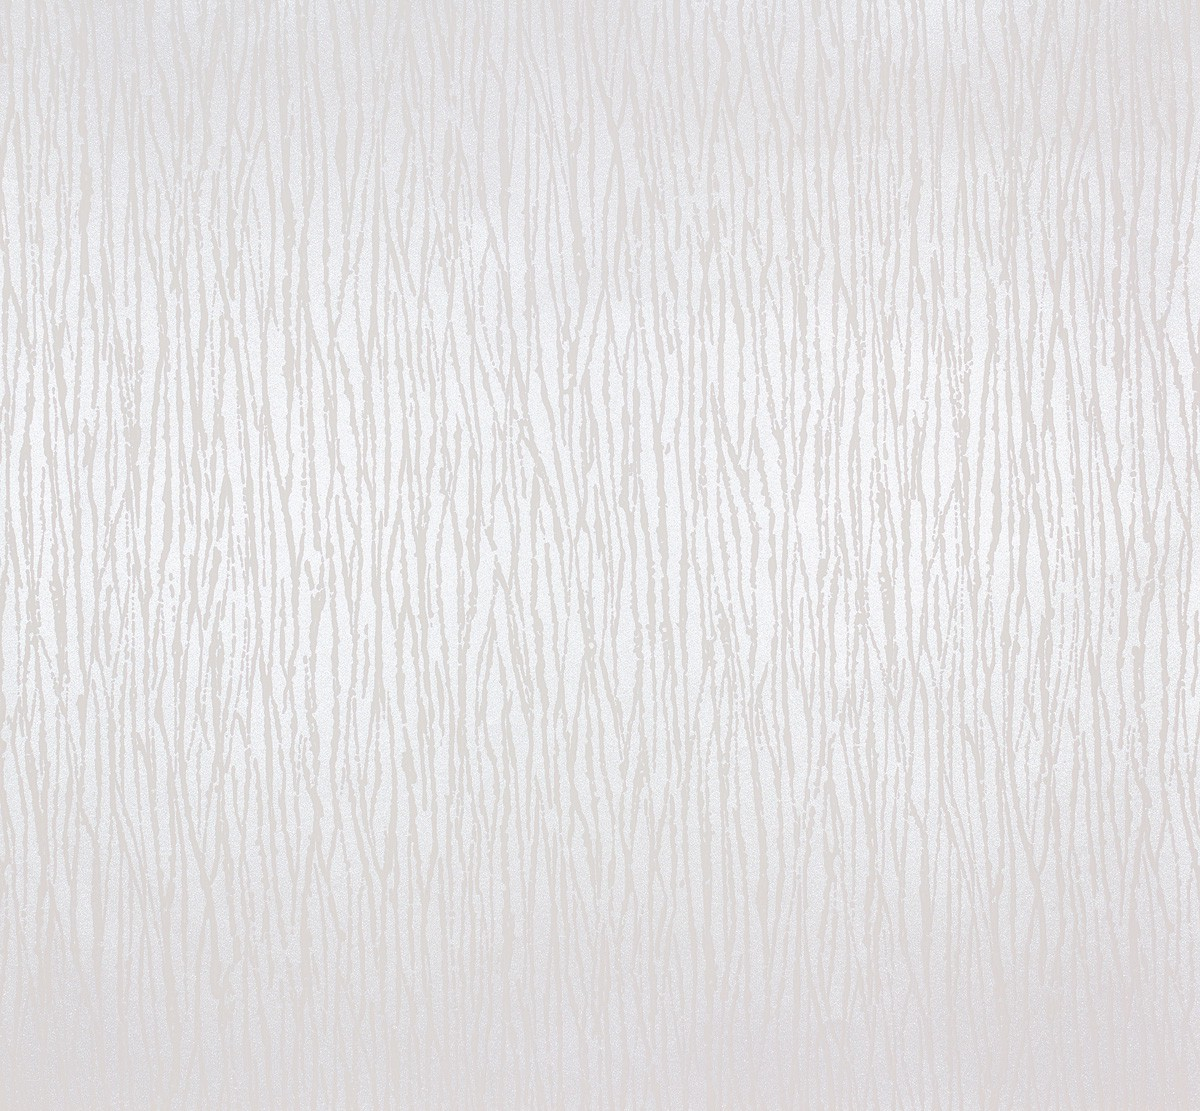 vliestapete wei beige struktur estelle marburg 55744. Black Bedroom Furniture Sets. Home Design Ideas